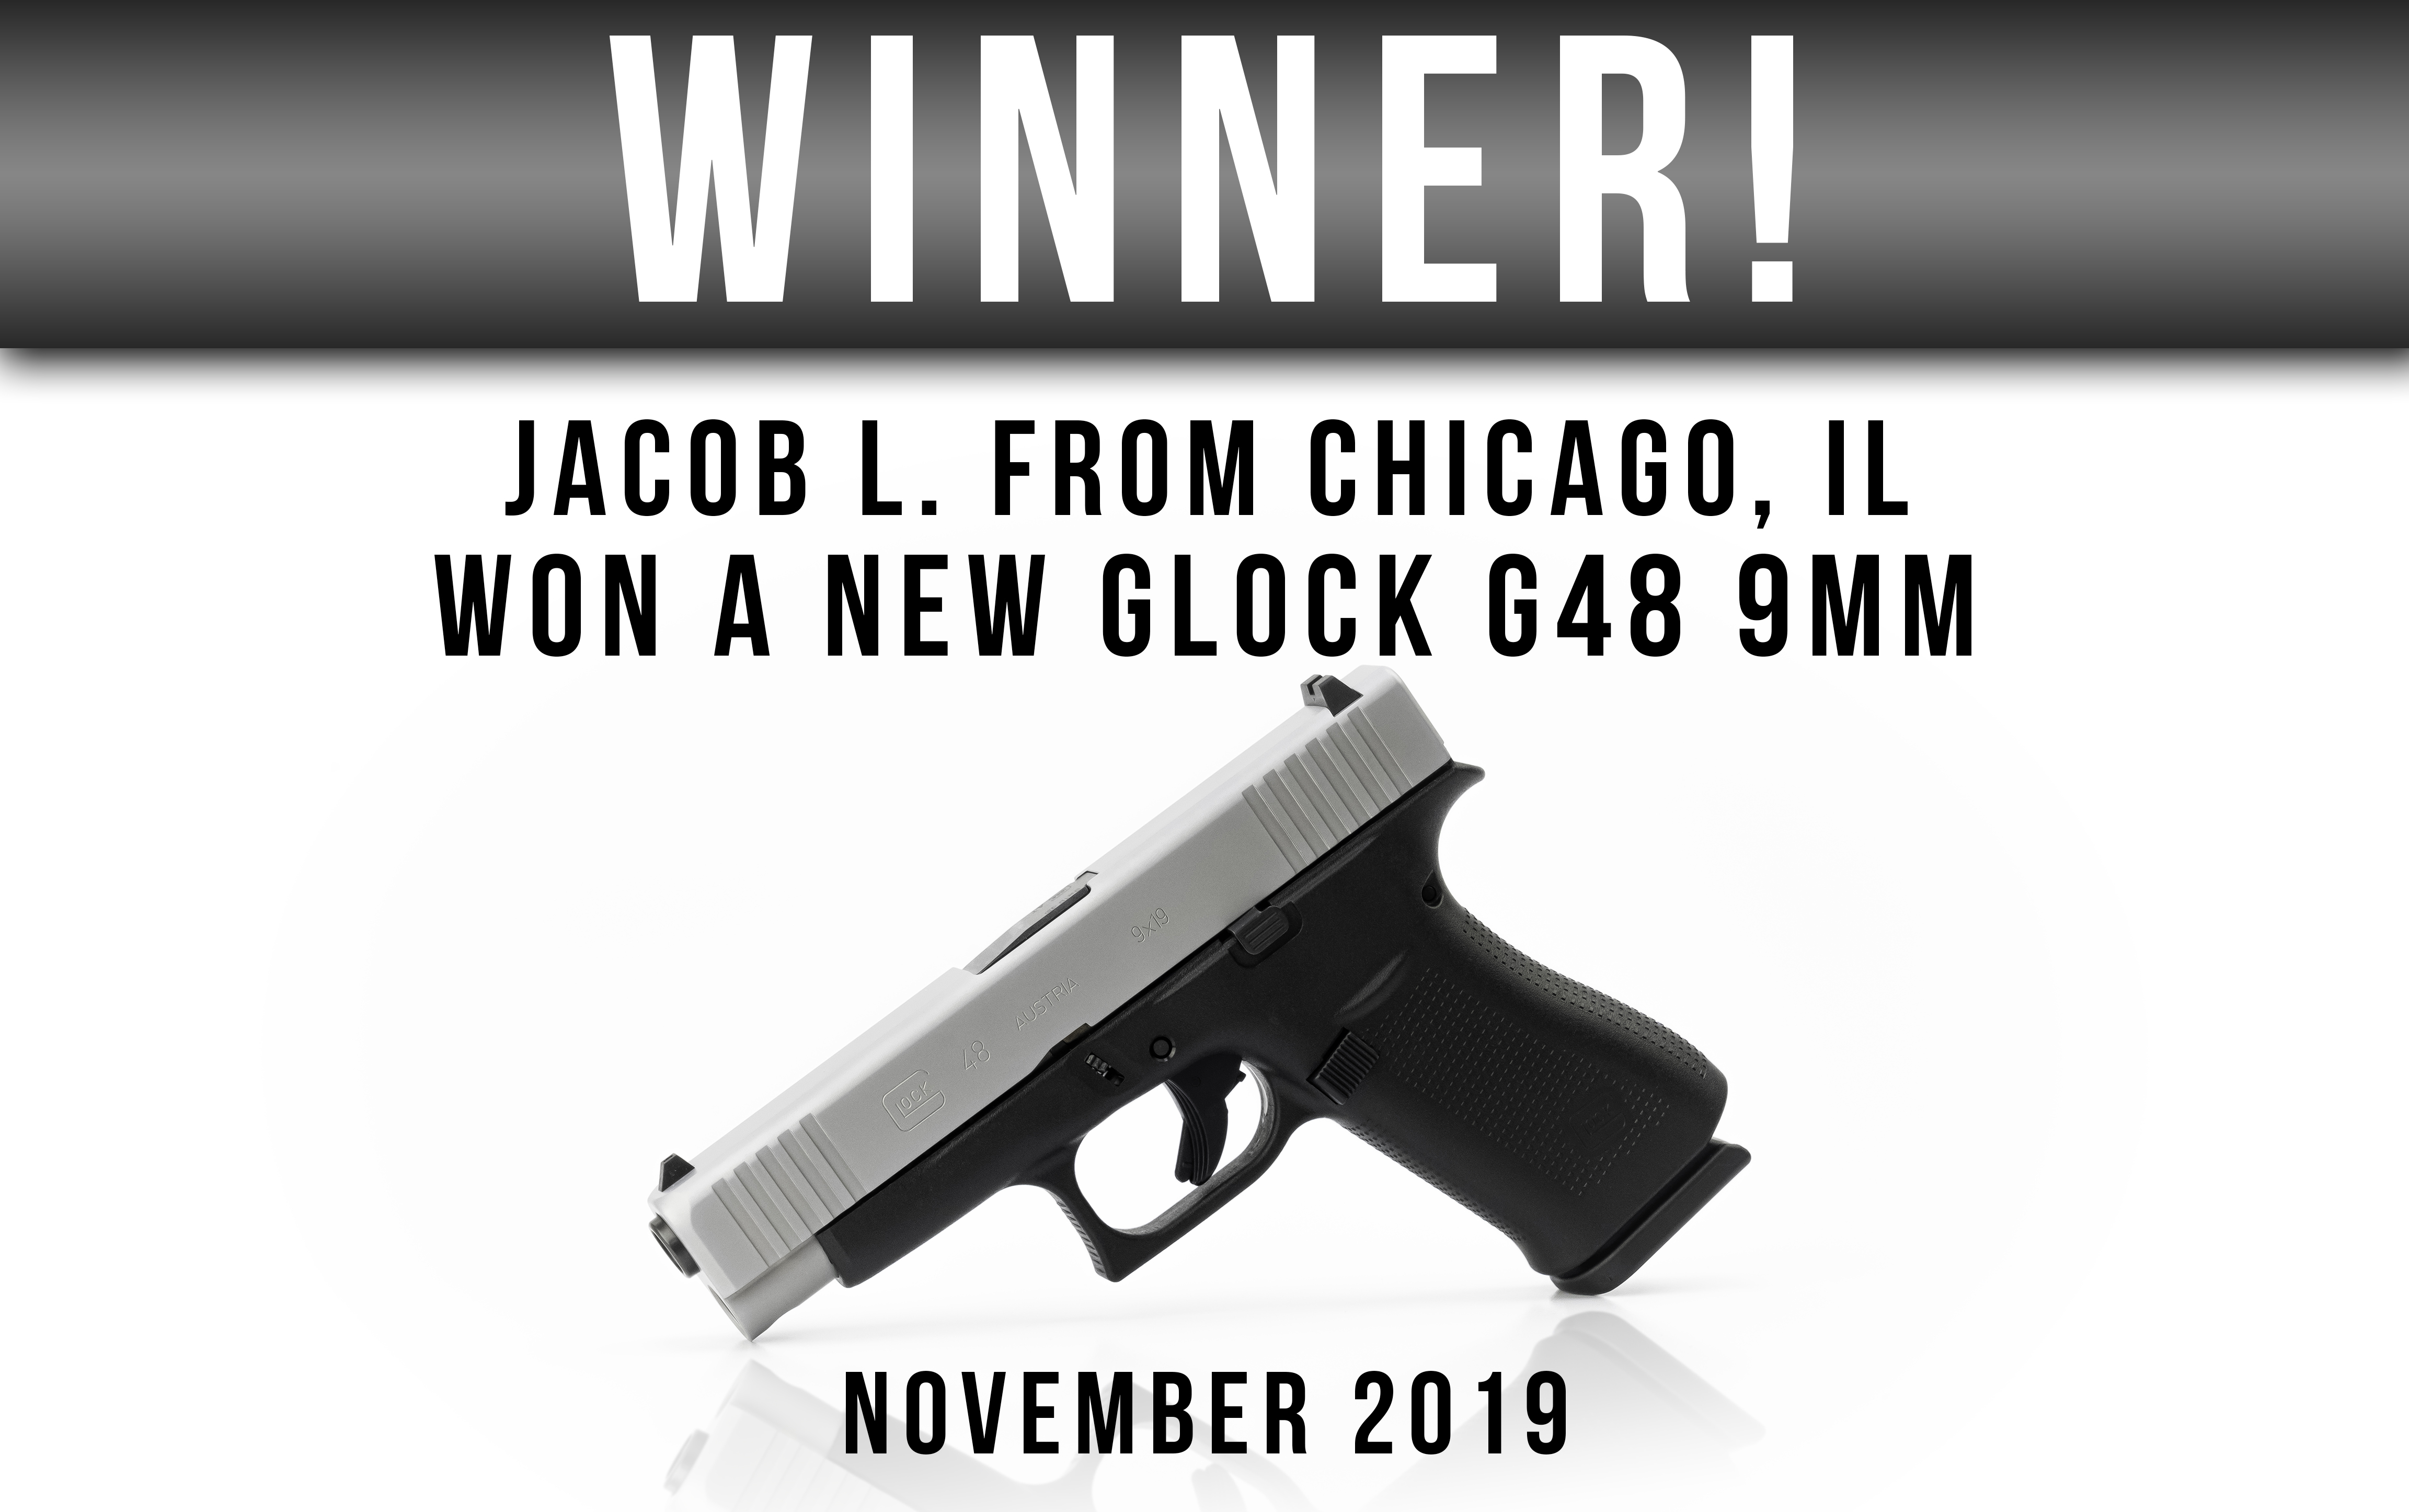 glock-giveaway-winner.jpg